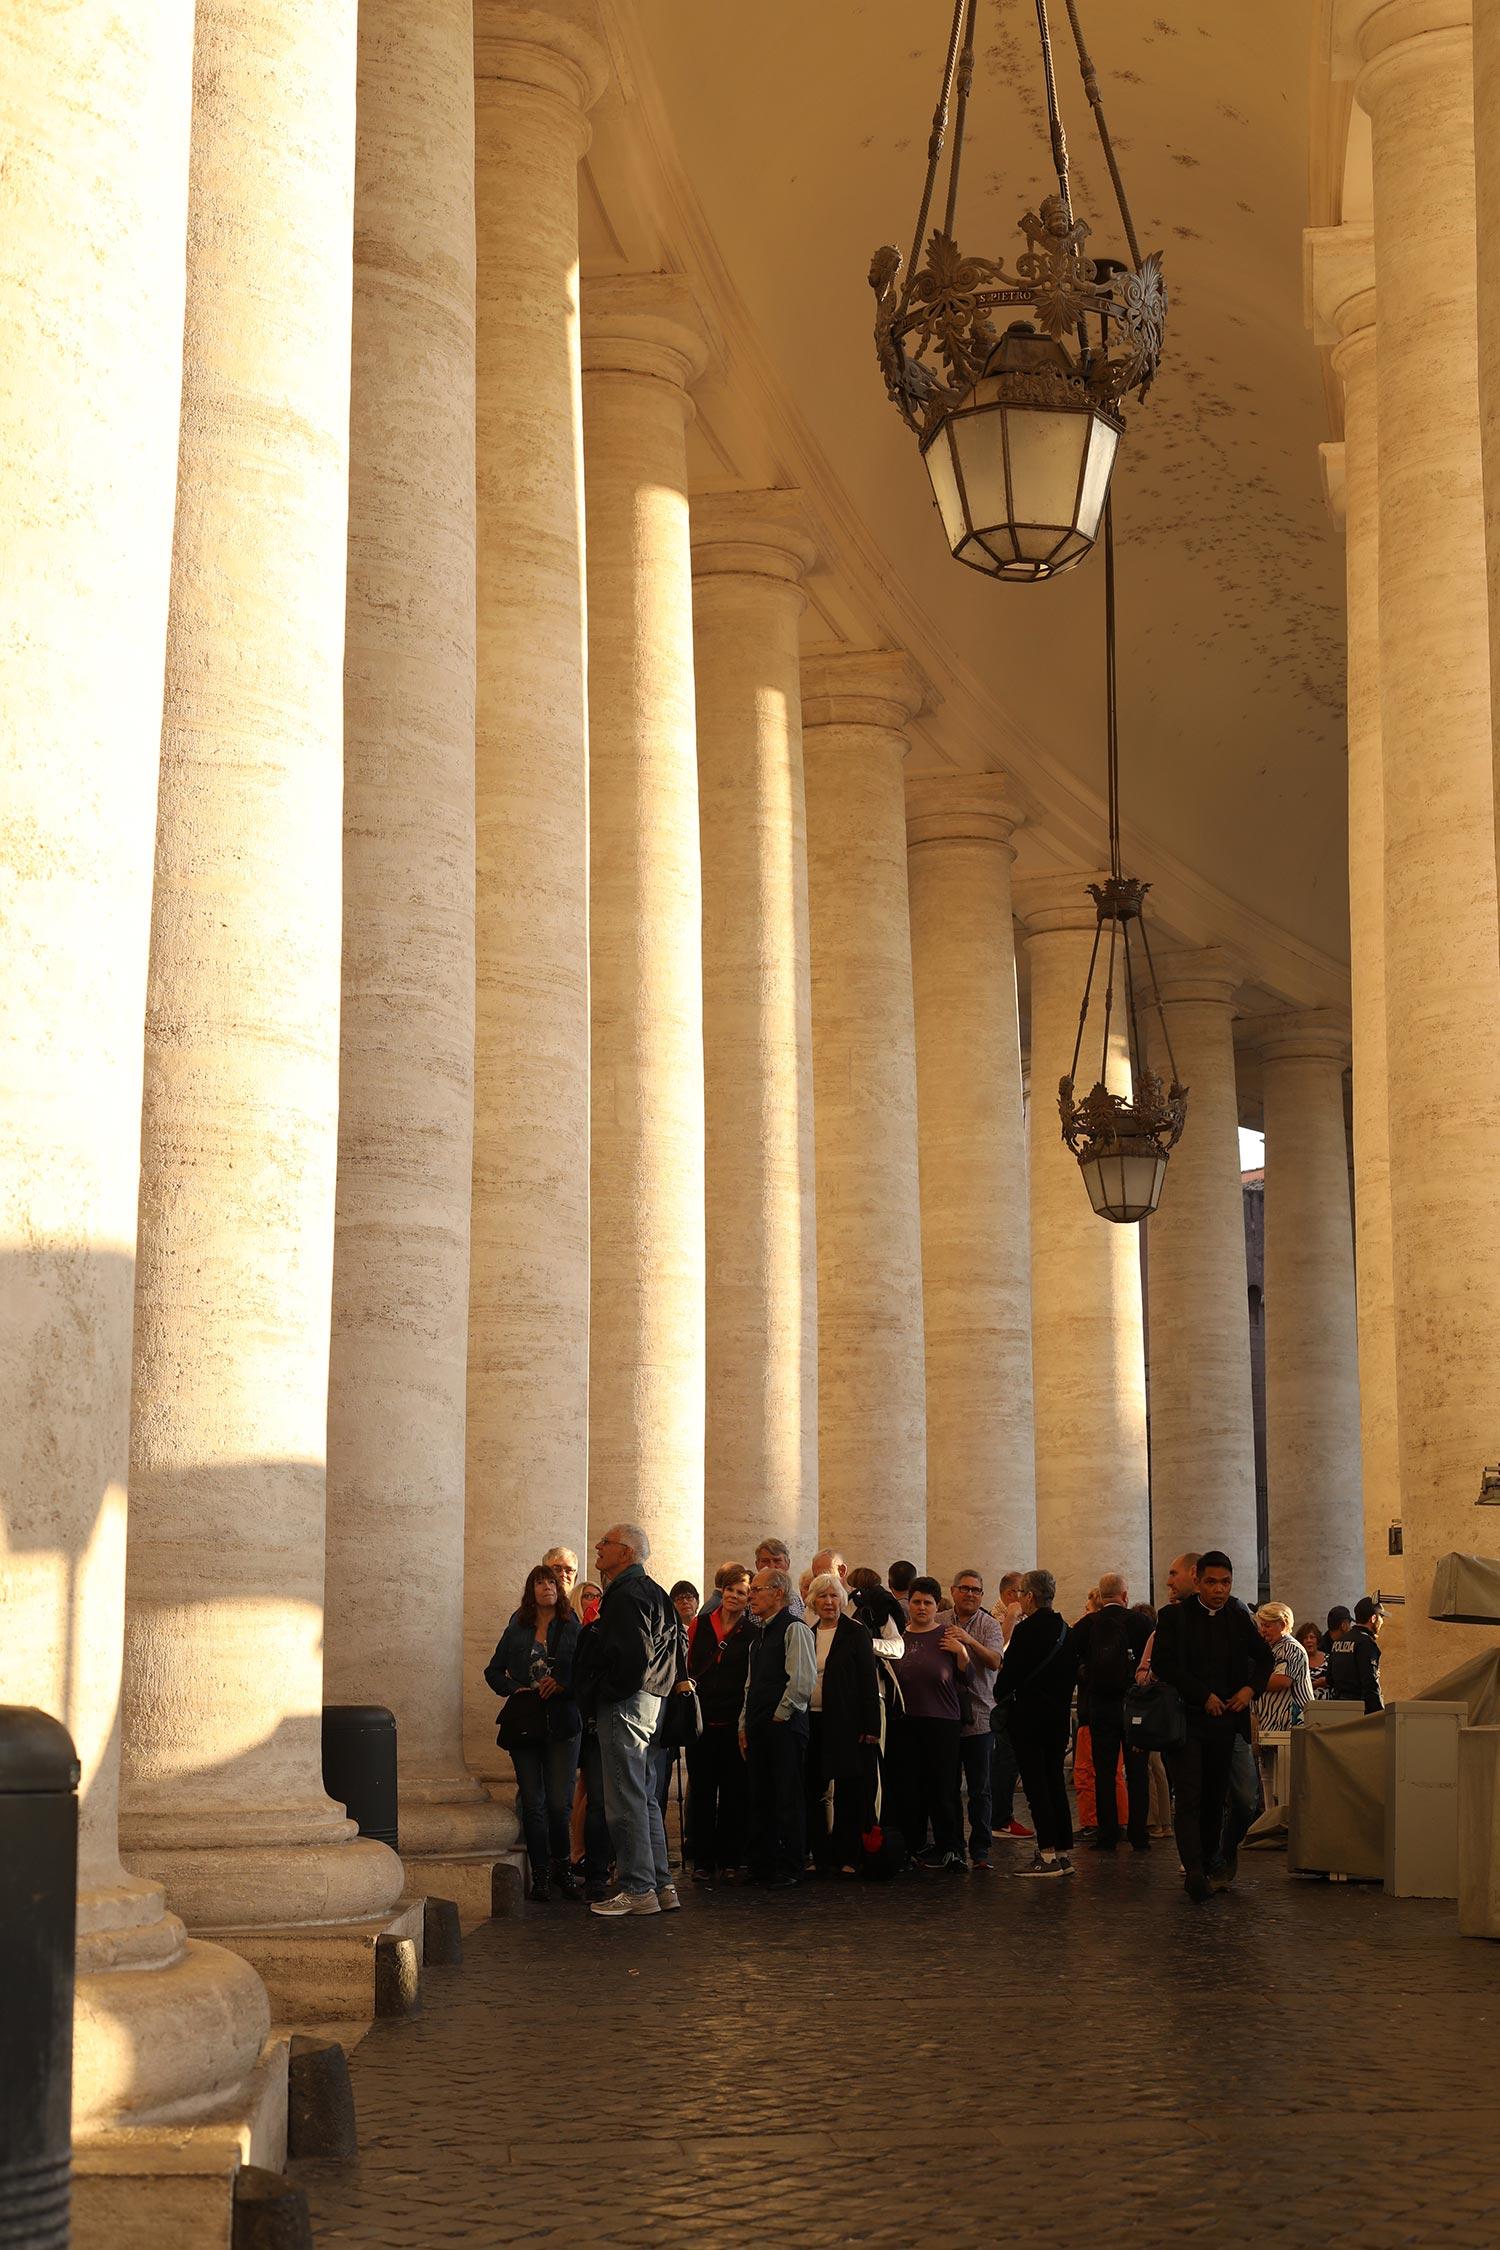 Pilgrimage_Rome_3270_StPeters.jpg